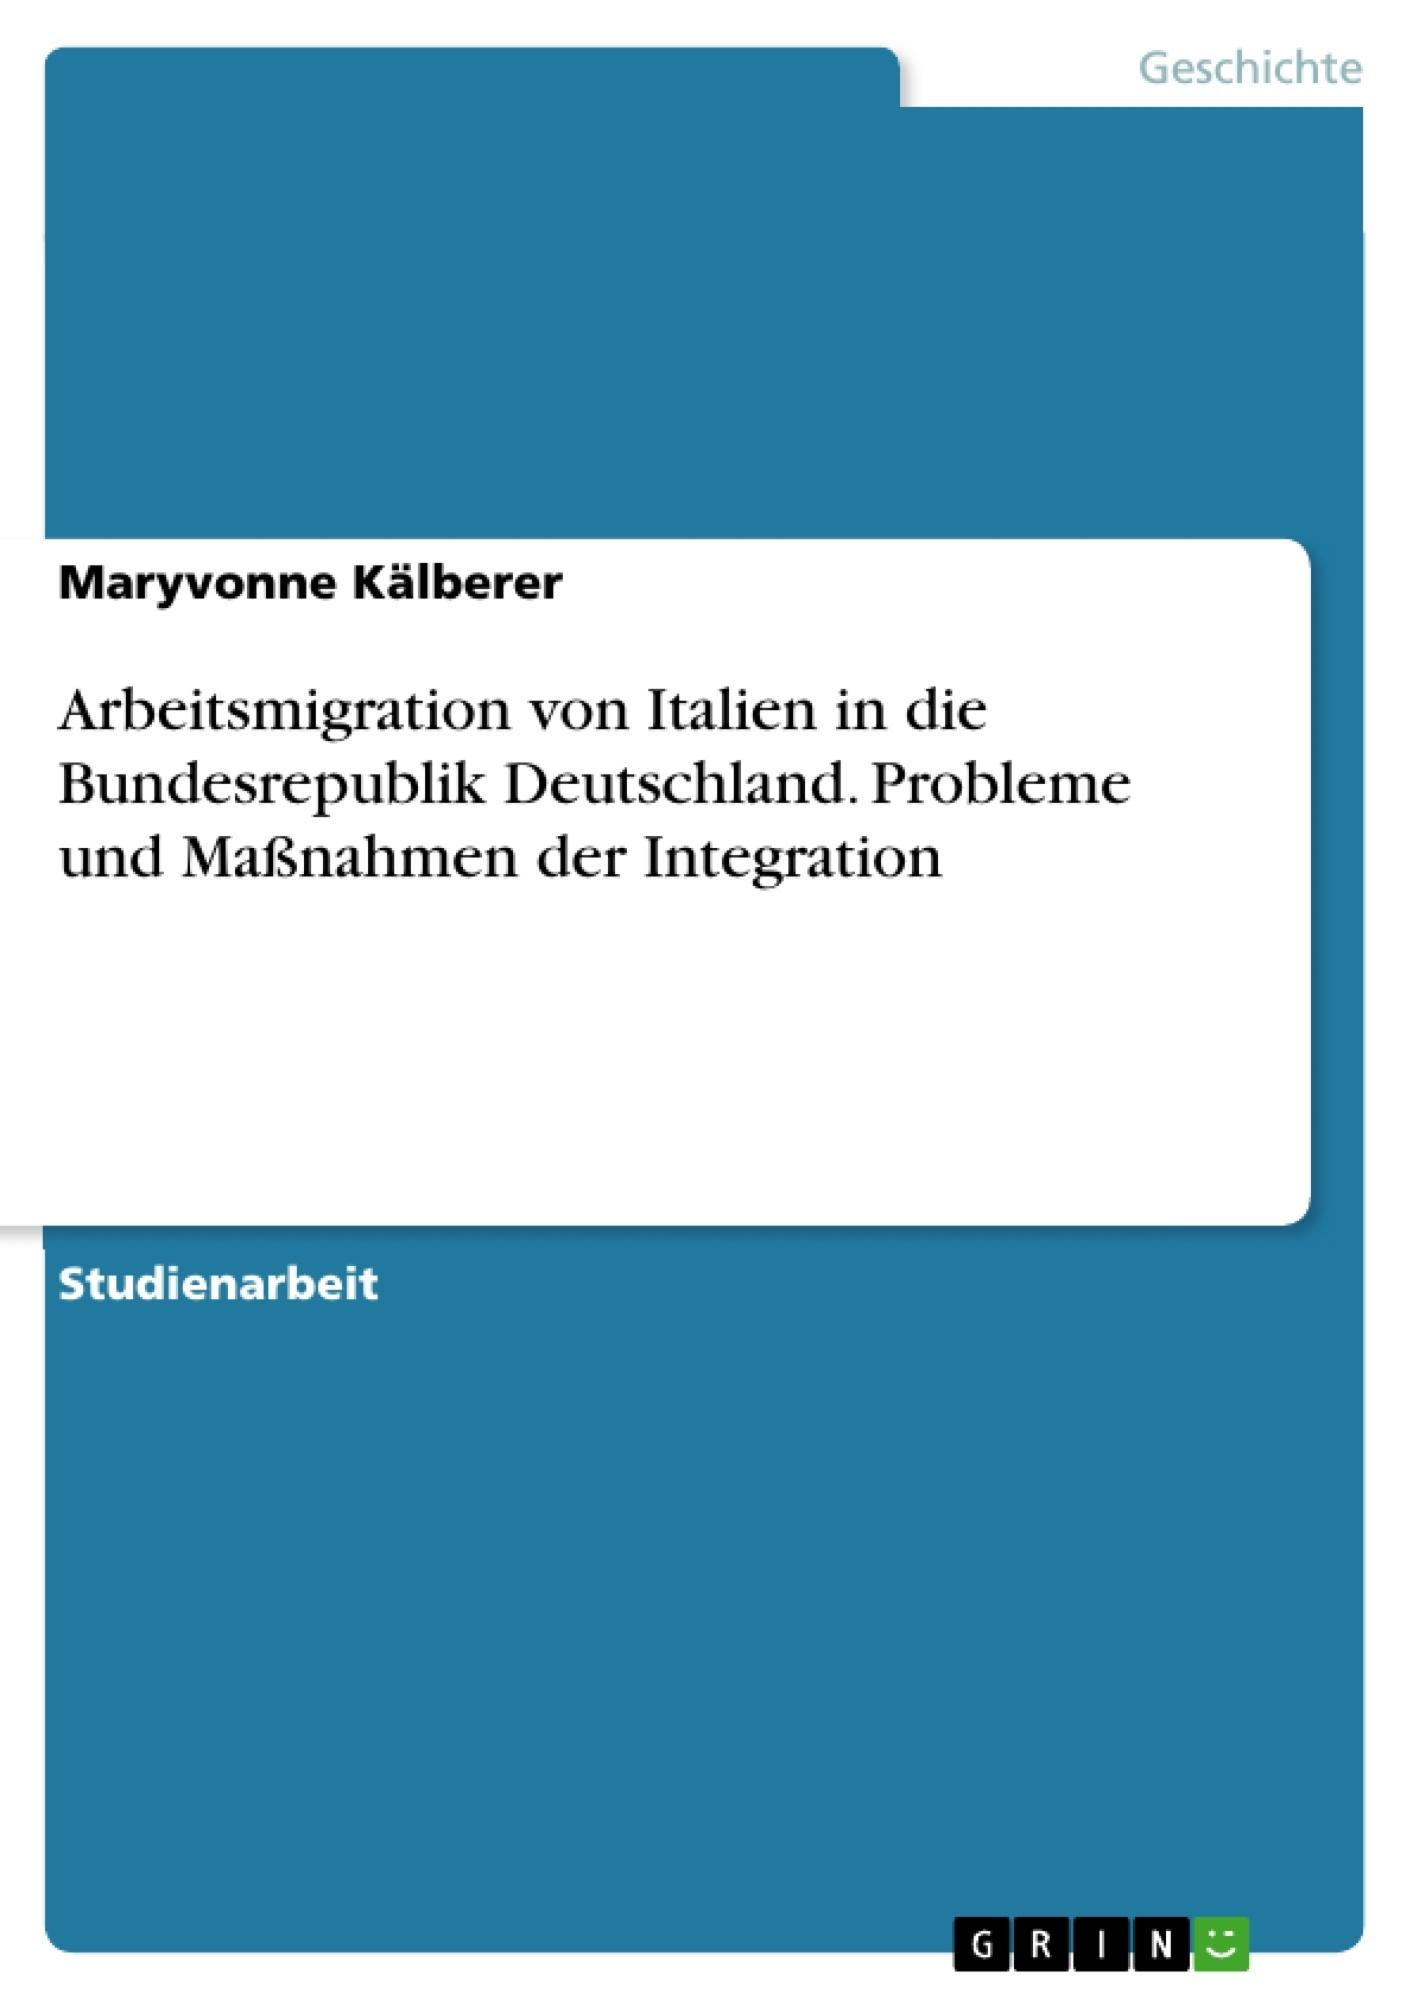 Titel: Arbeitsmigration von Italien in die Bundesrepublik Deutschland. Probleme und Maßnahmen der Integration